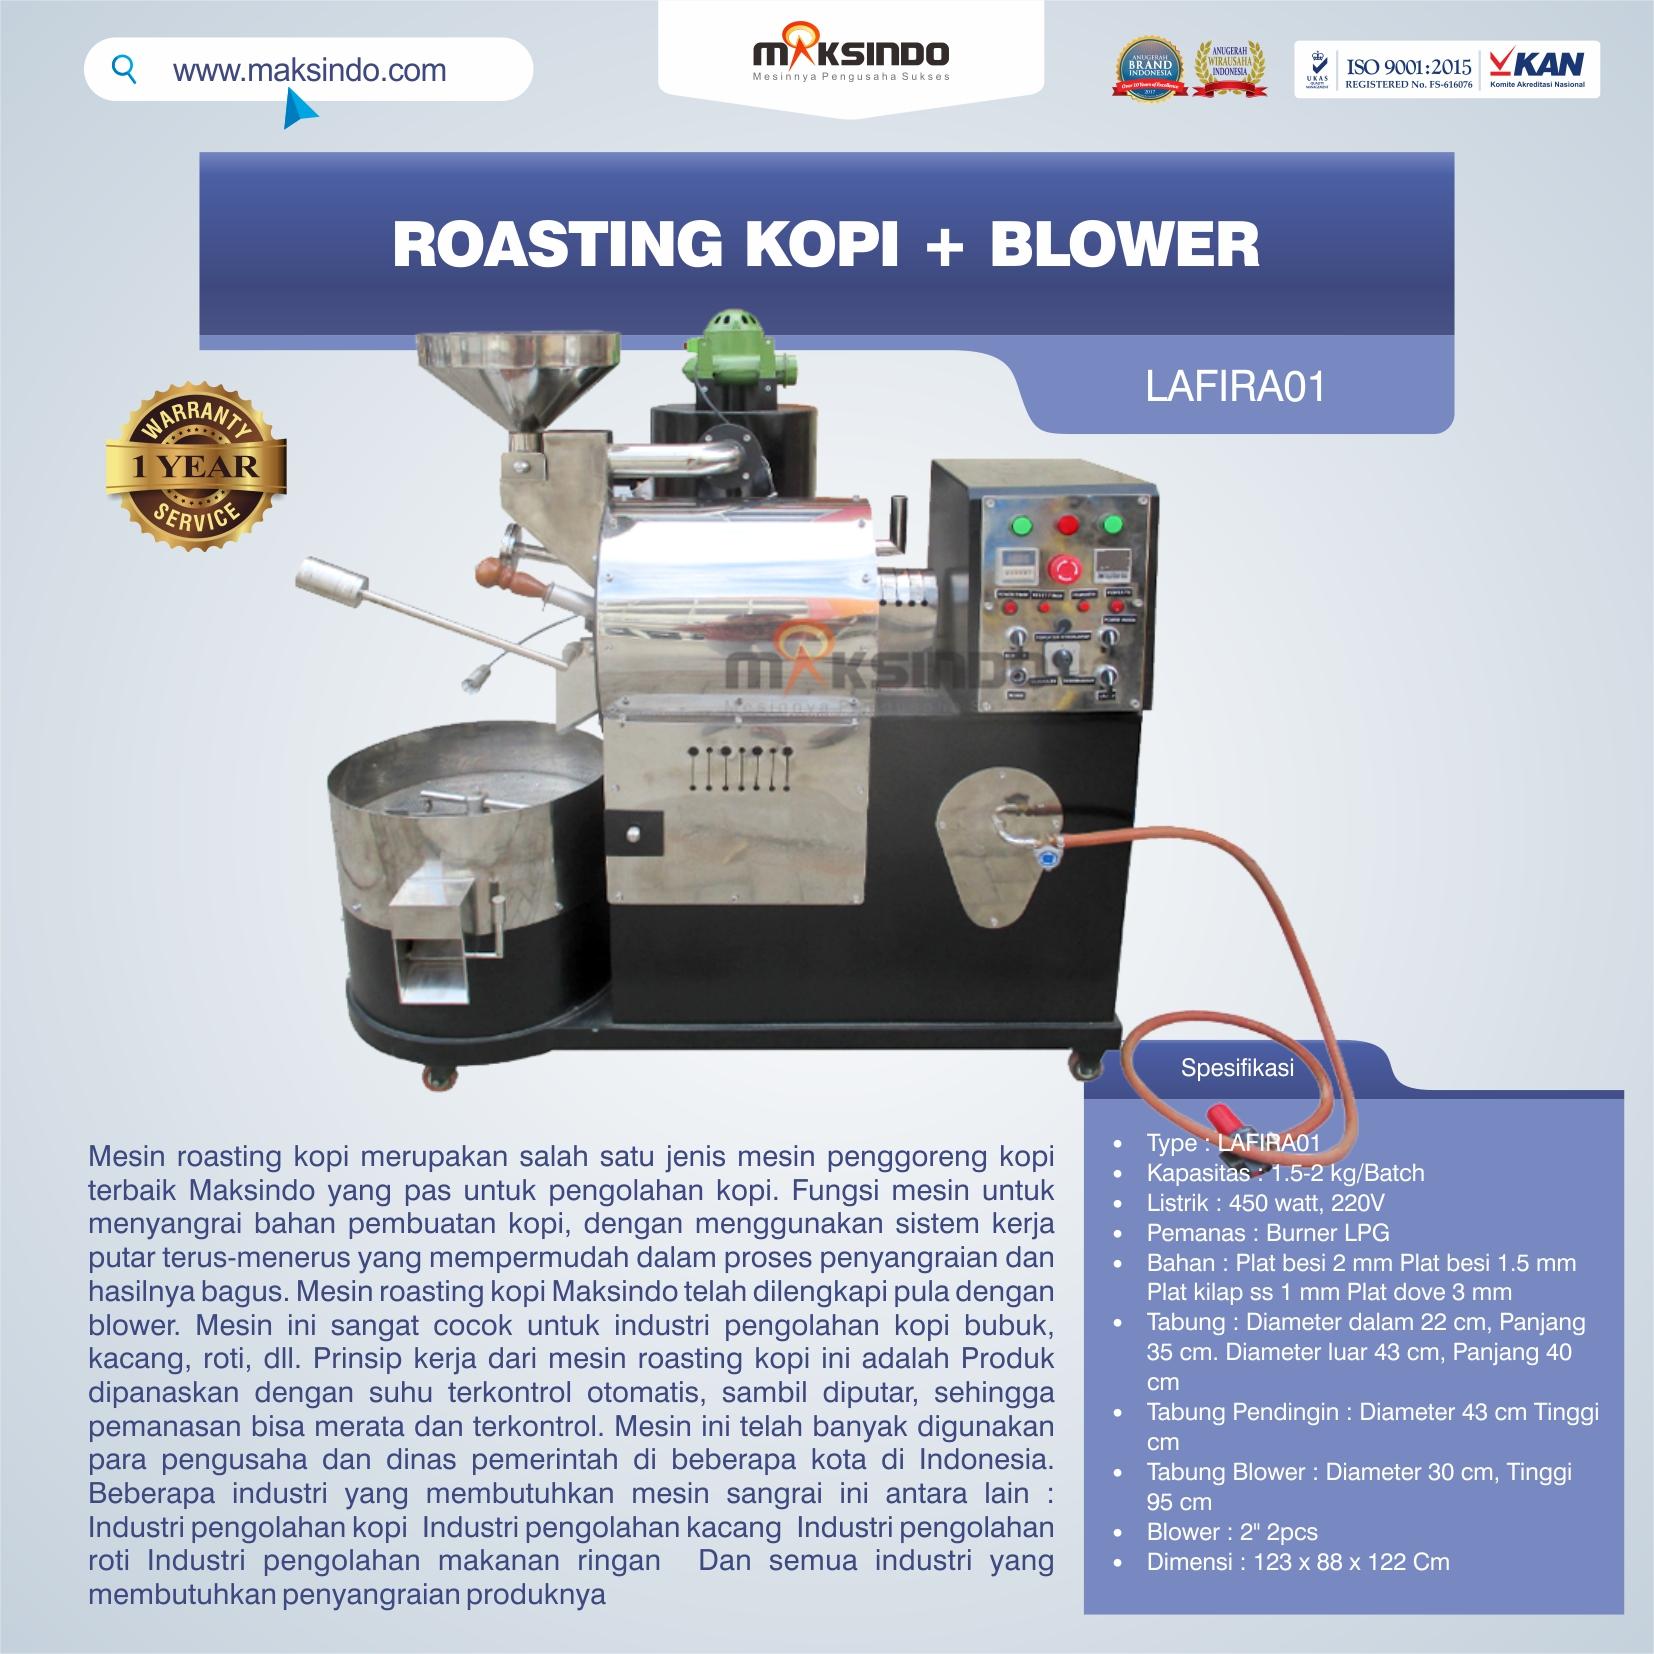 Jual Roasting Kopi + Blower LAFIRA01 di Bekasi